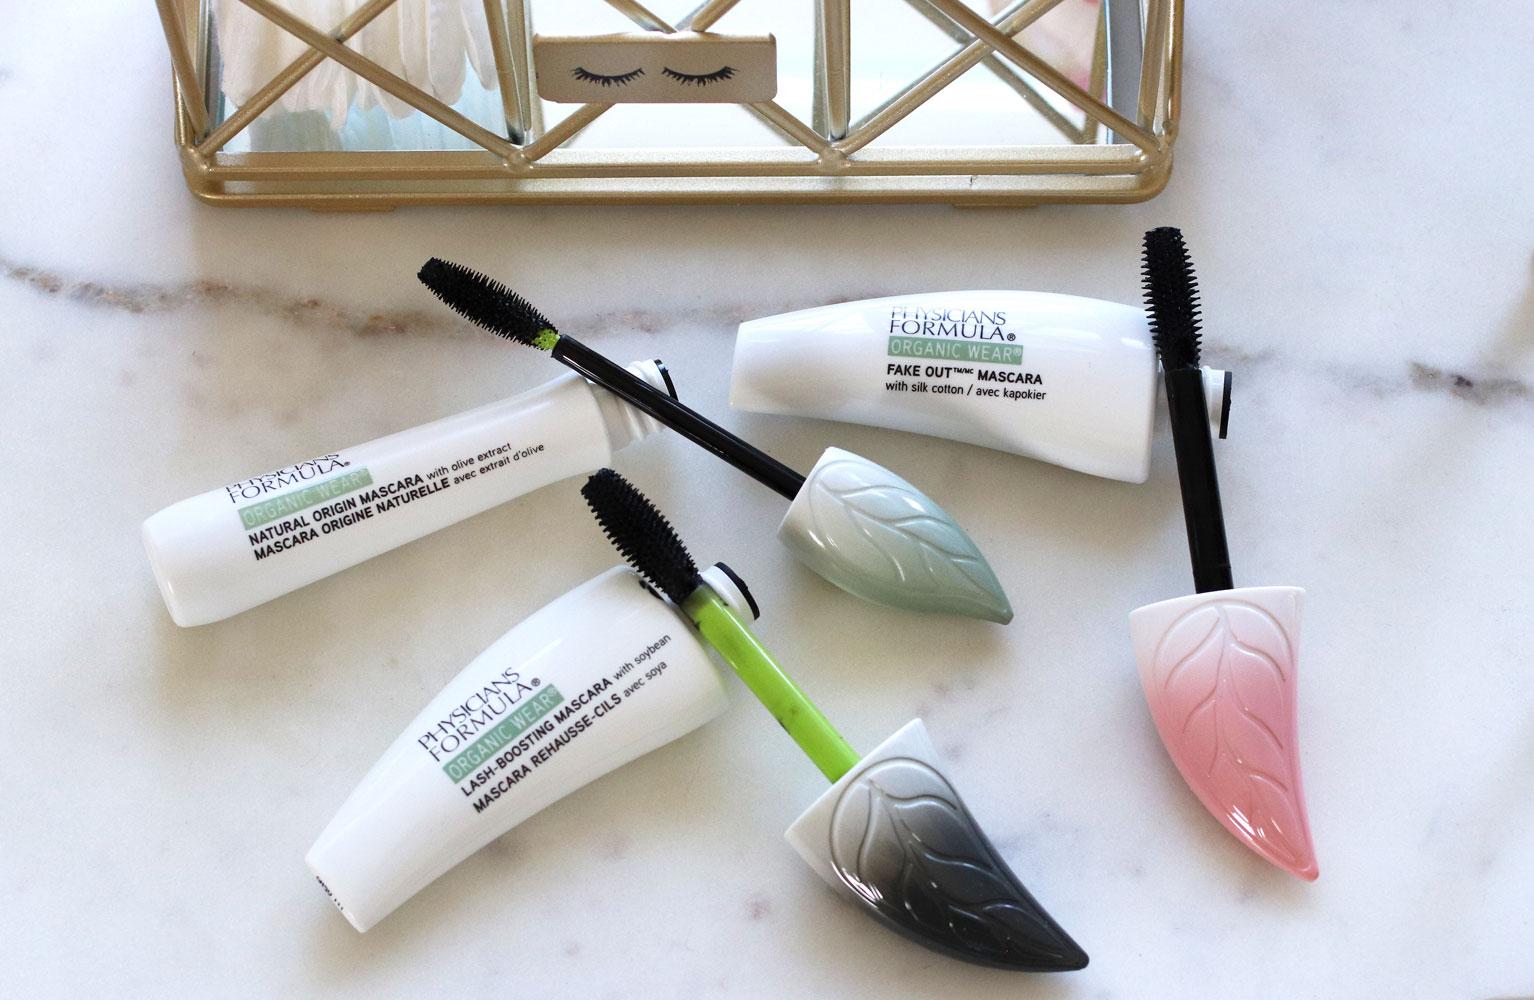 Physicians Formula Organic Wear Mascara